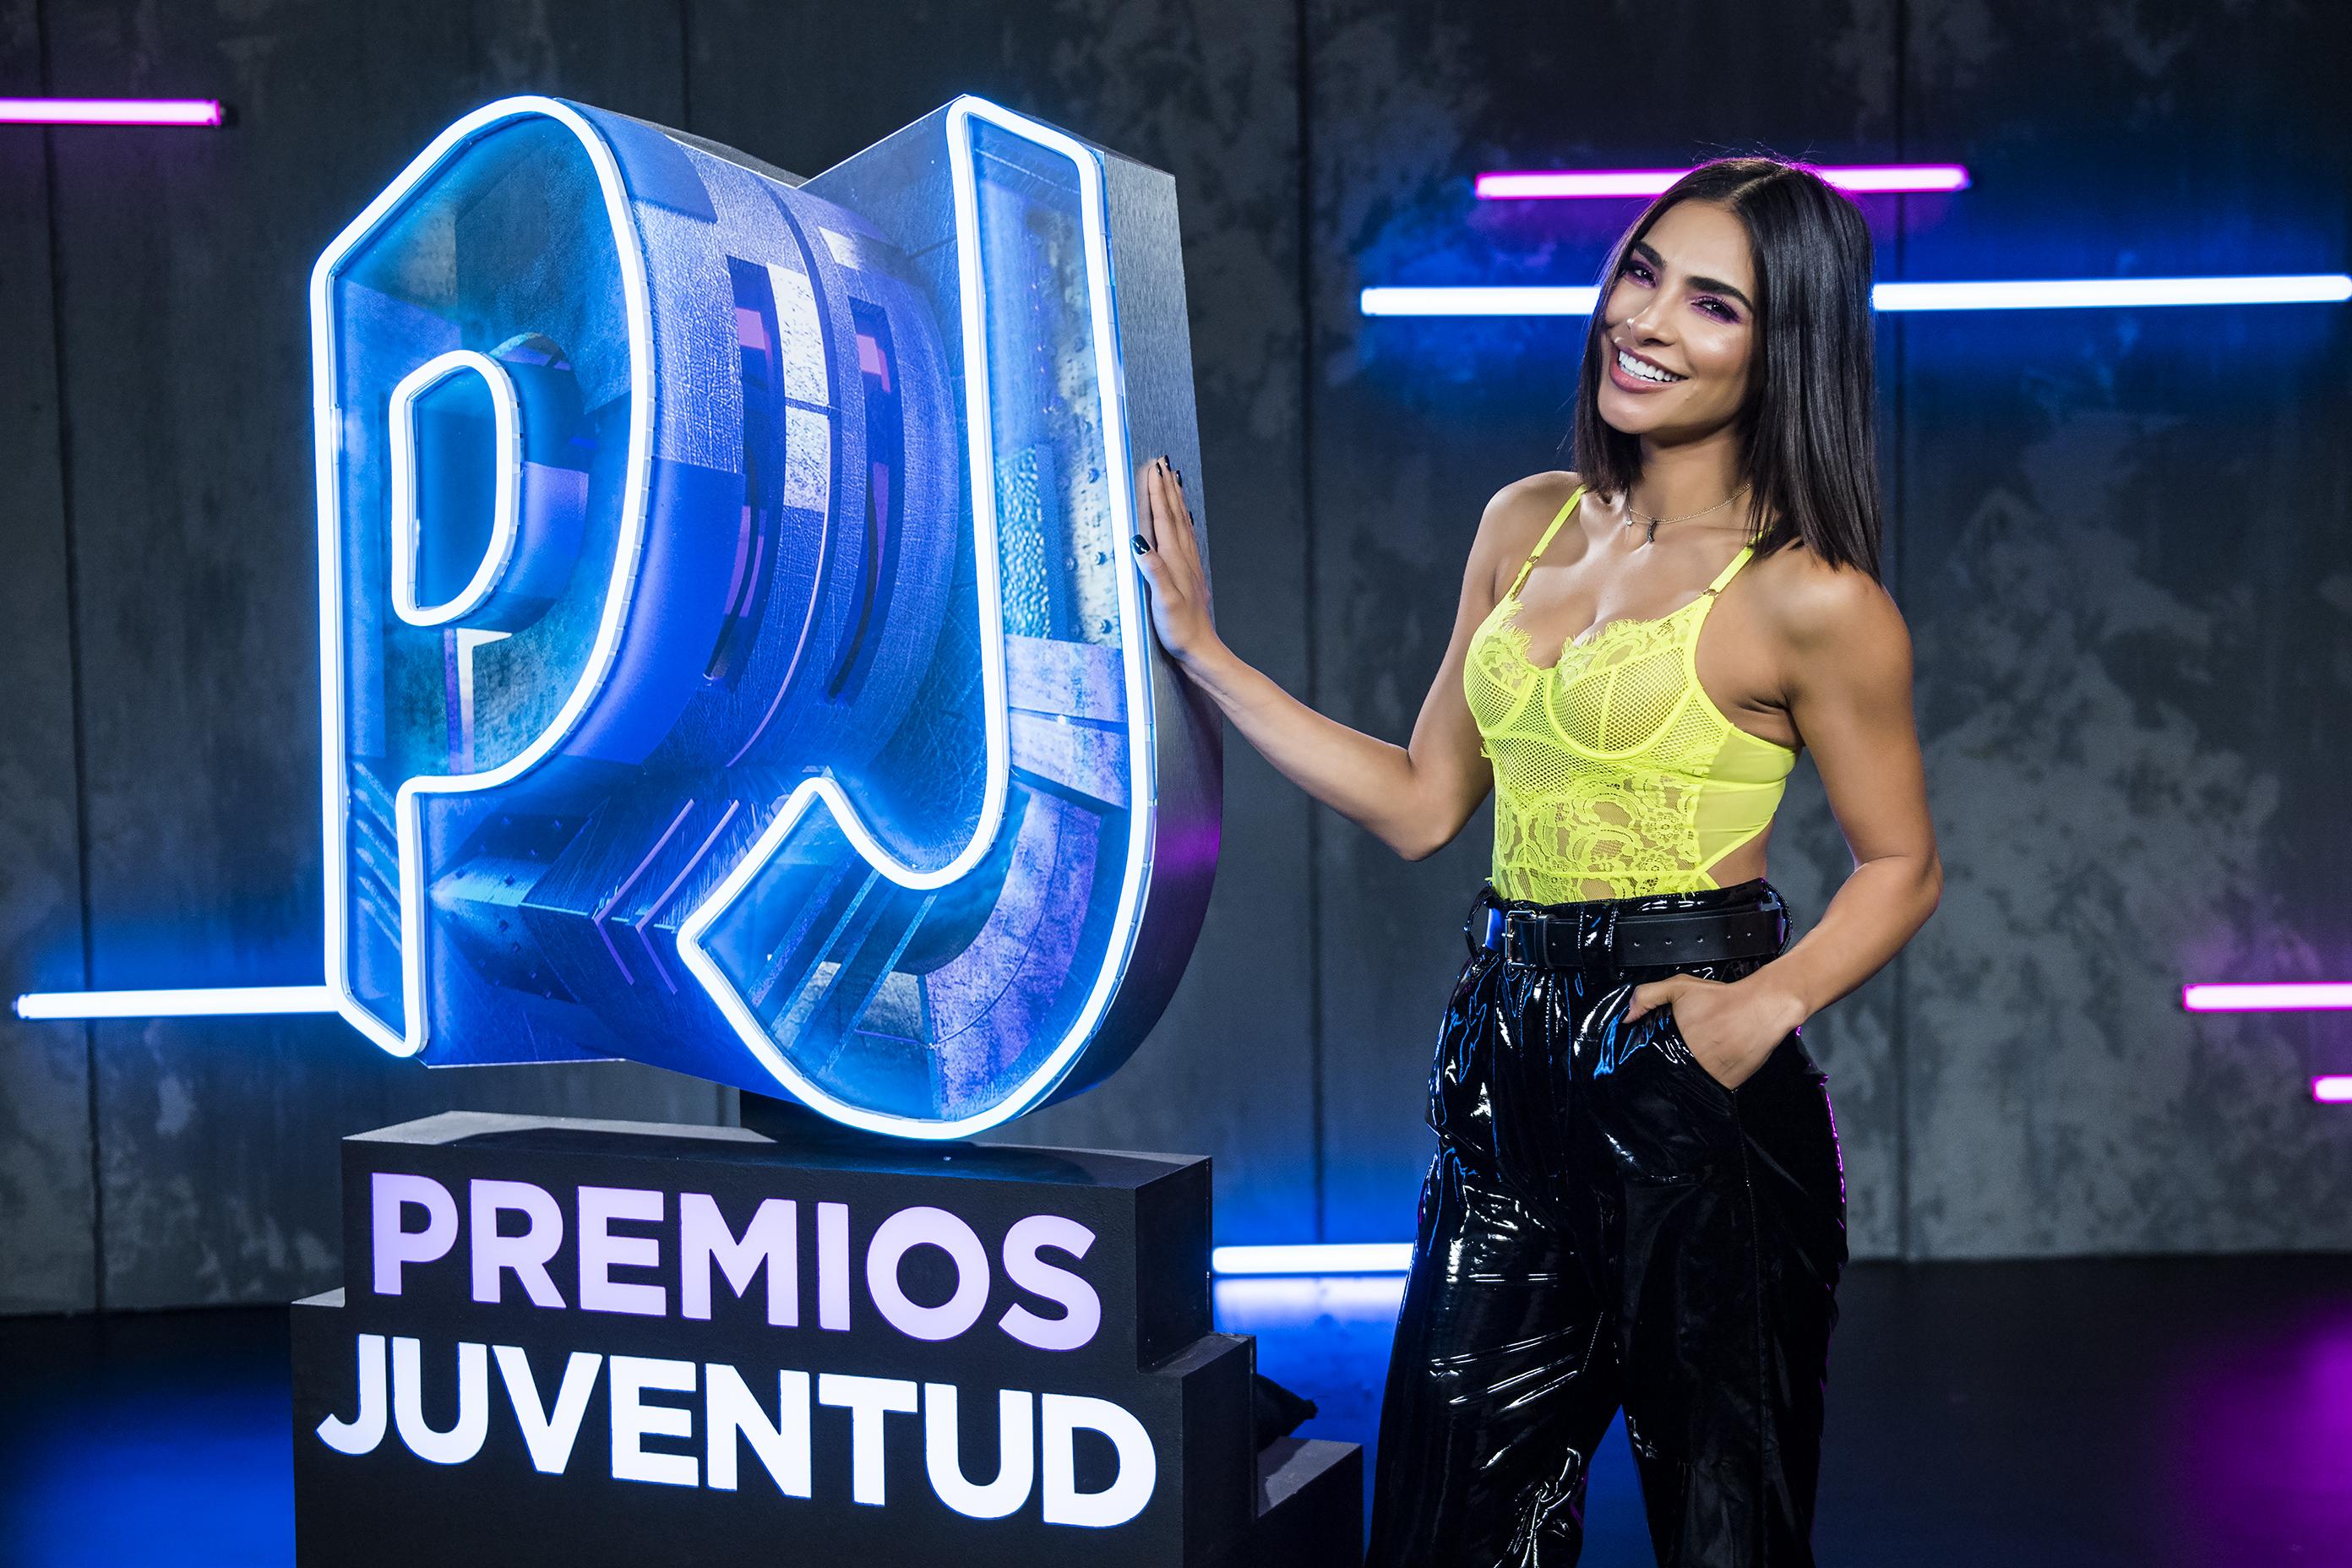 Photo of Premios Juventud 2019